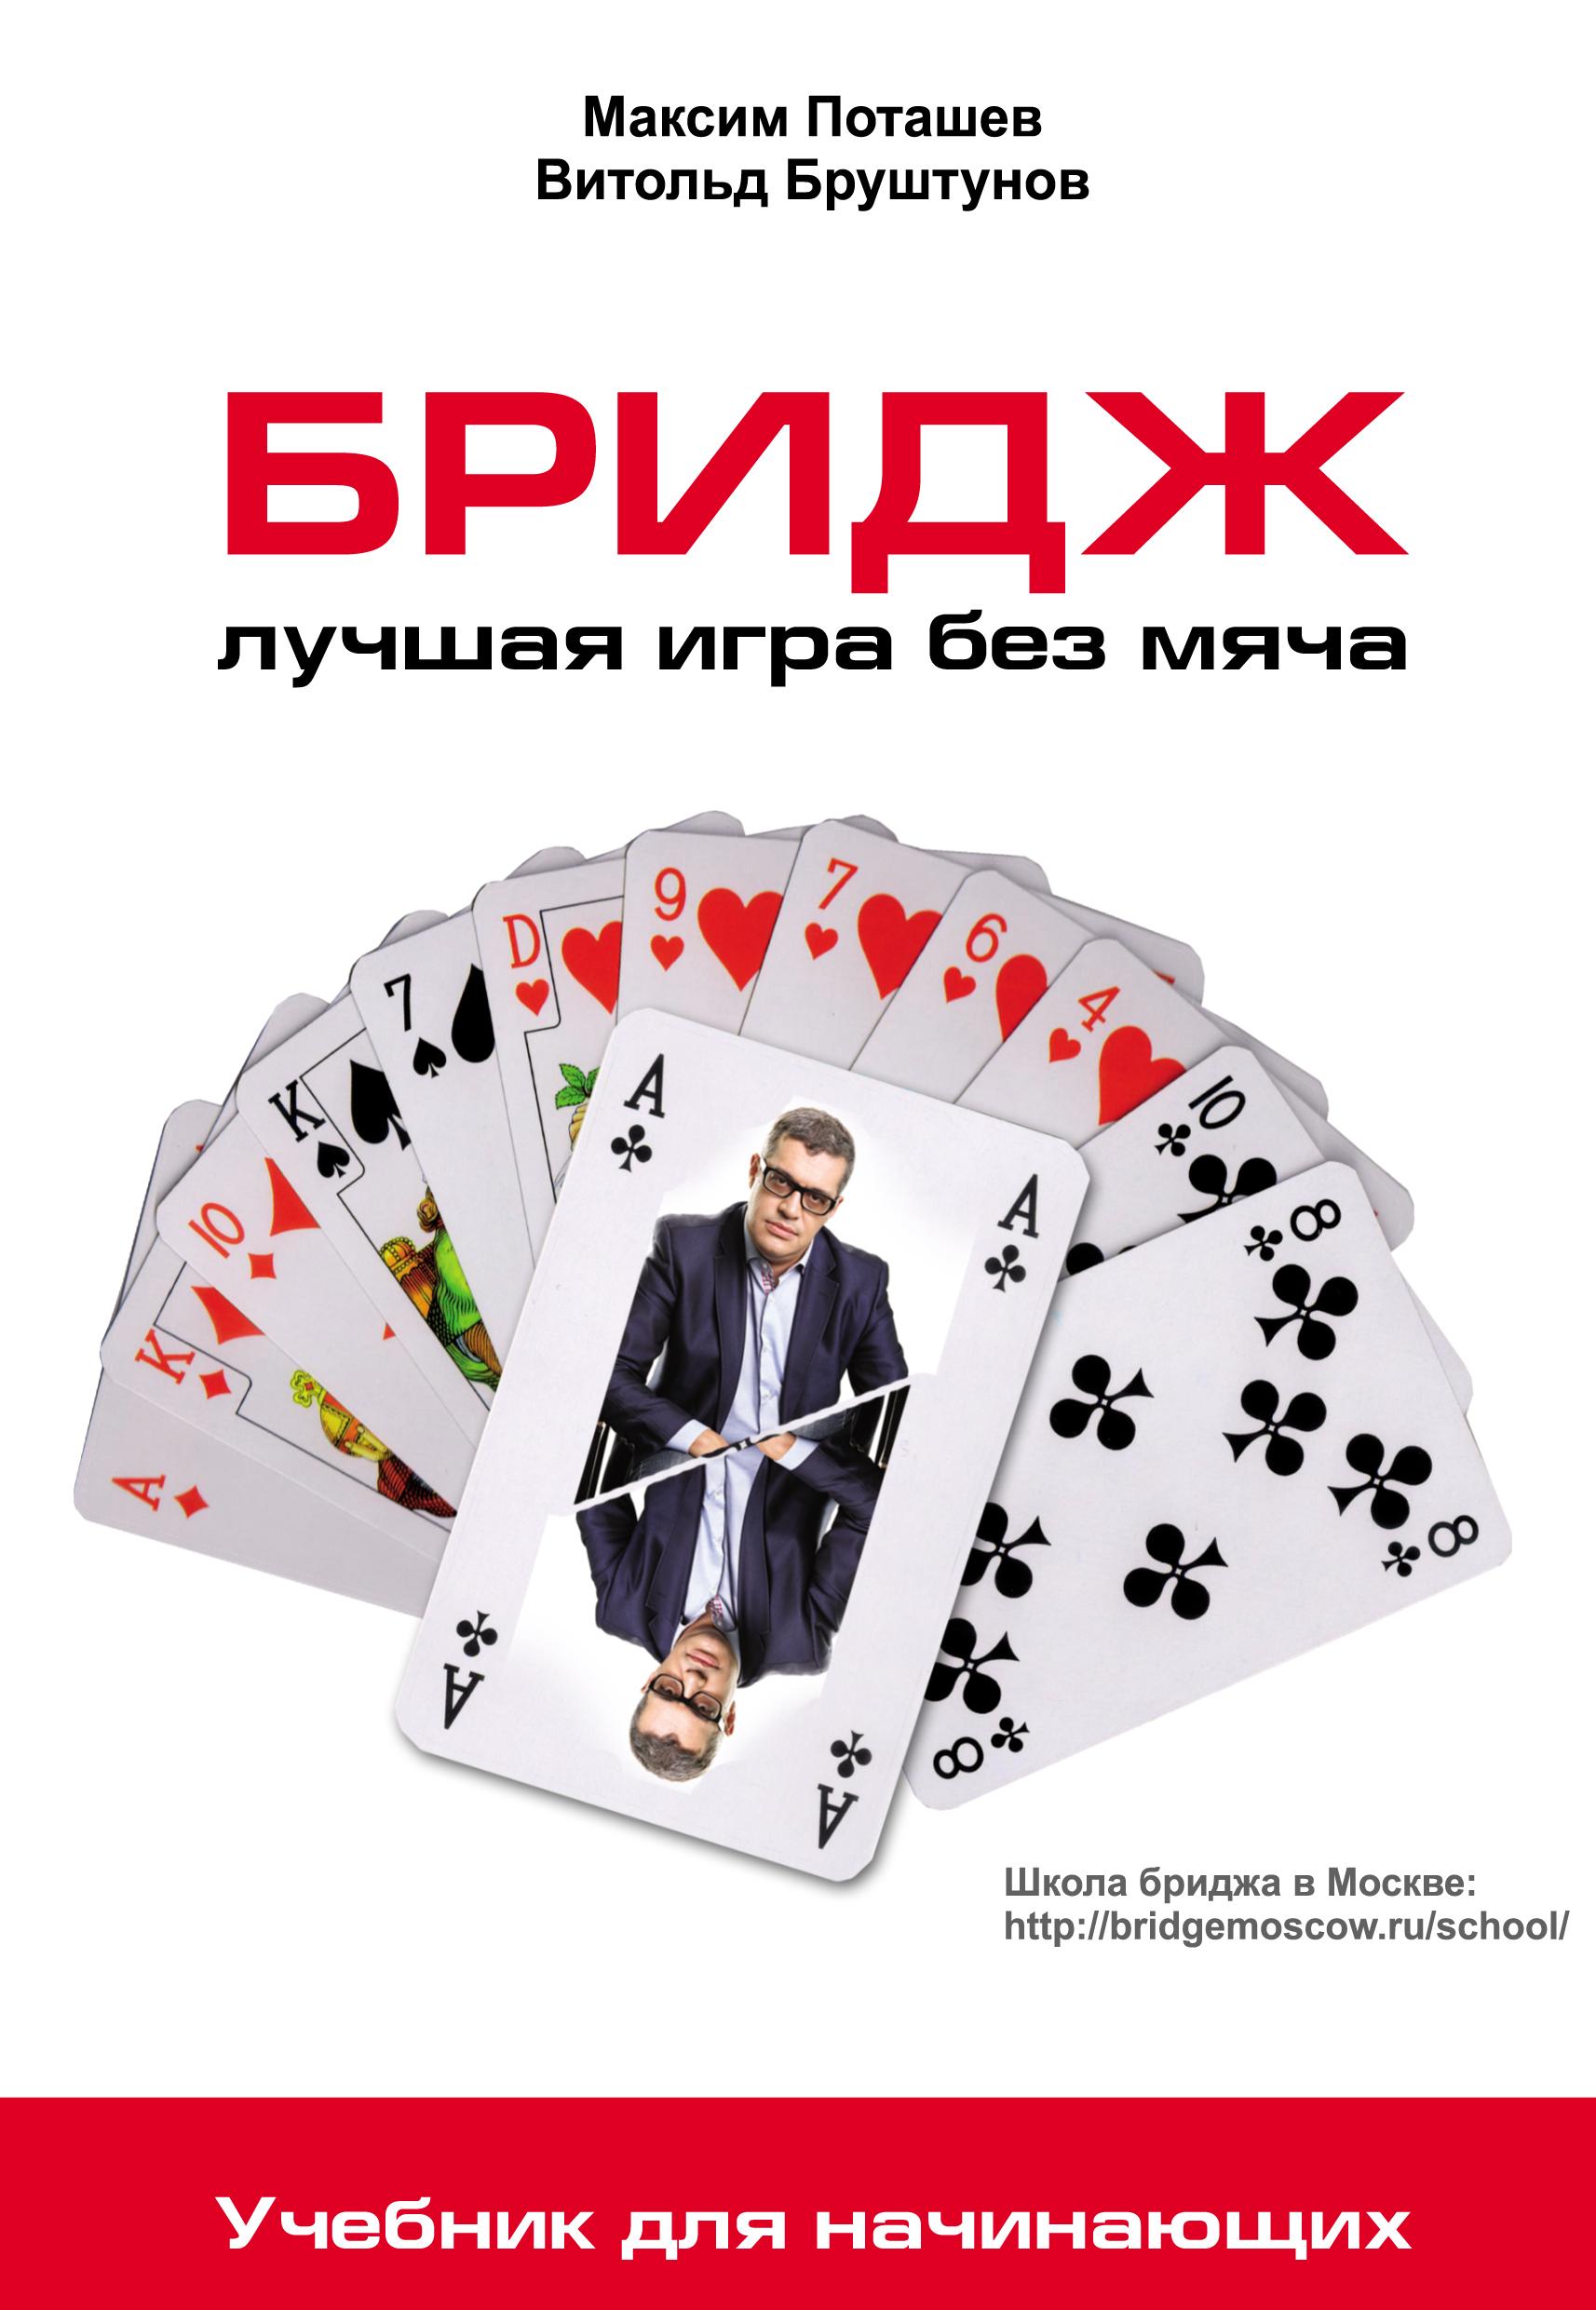 Максим Поташев Бридж: лучшая игра без мяча. Учебник для начинающих поташев м бридж лучшая игра без мяча учебник для начинающих